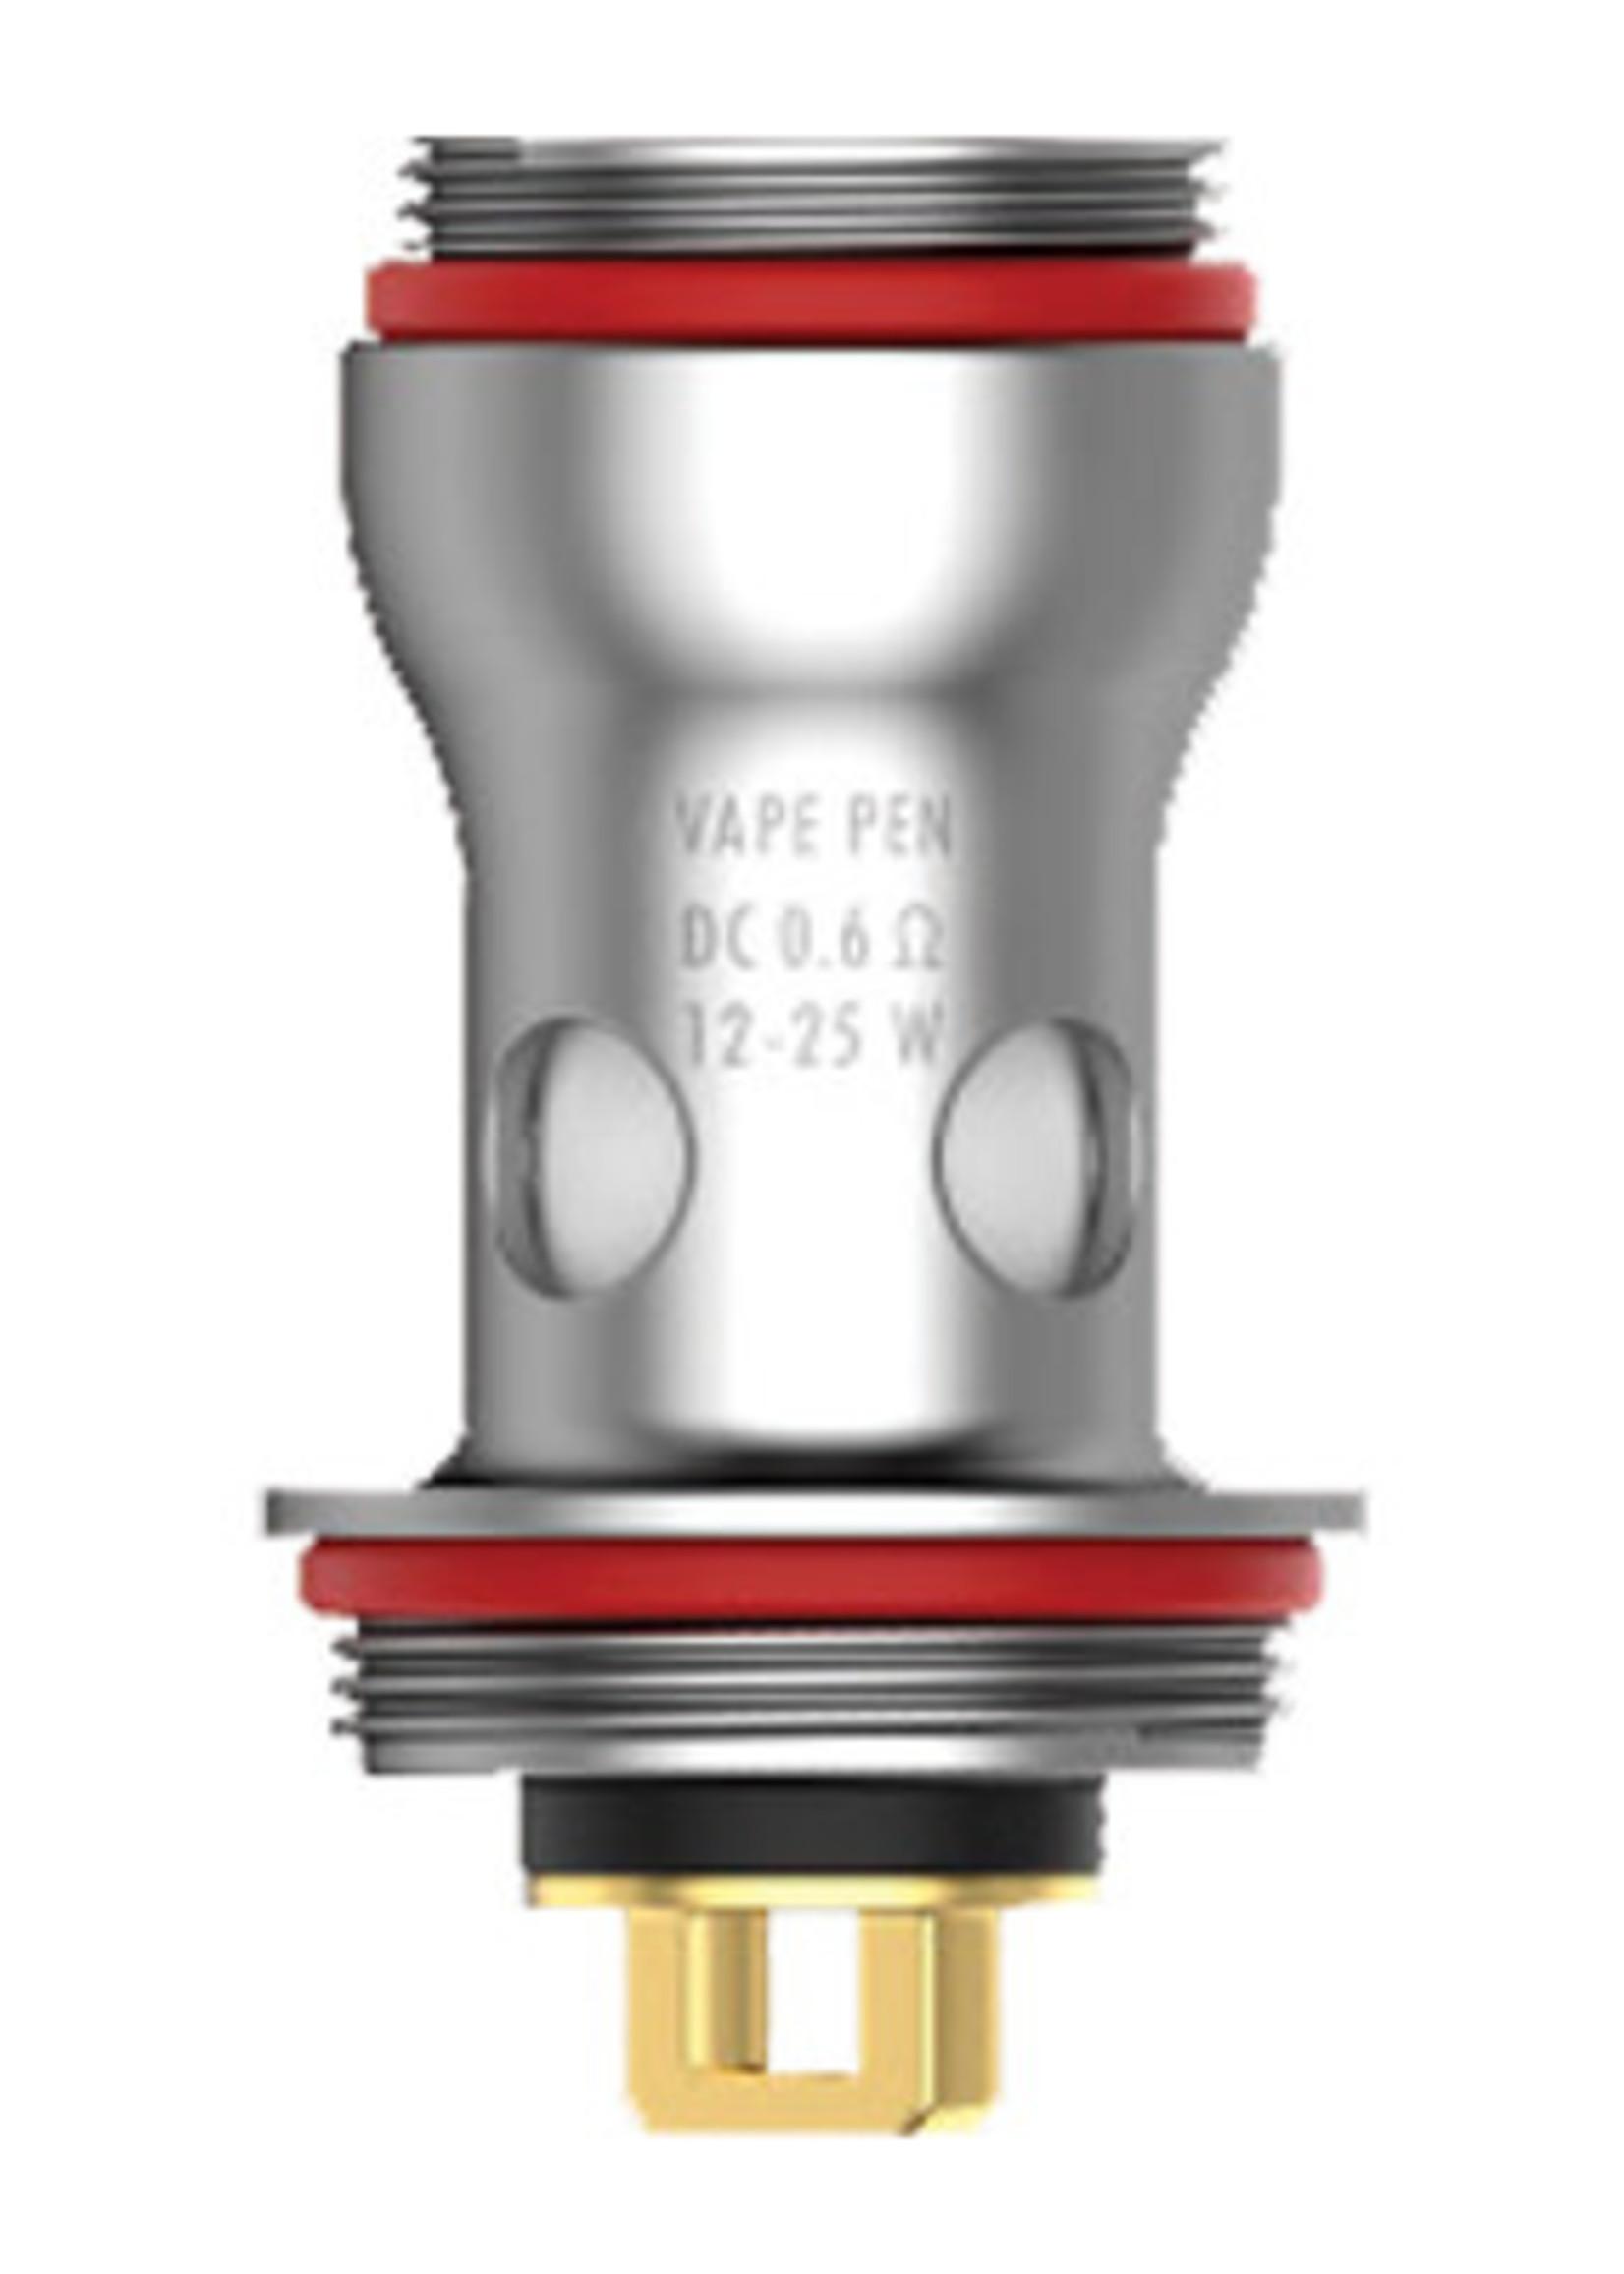 Smok Vape Pen 22 DC coil - 0.6 ohm